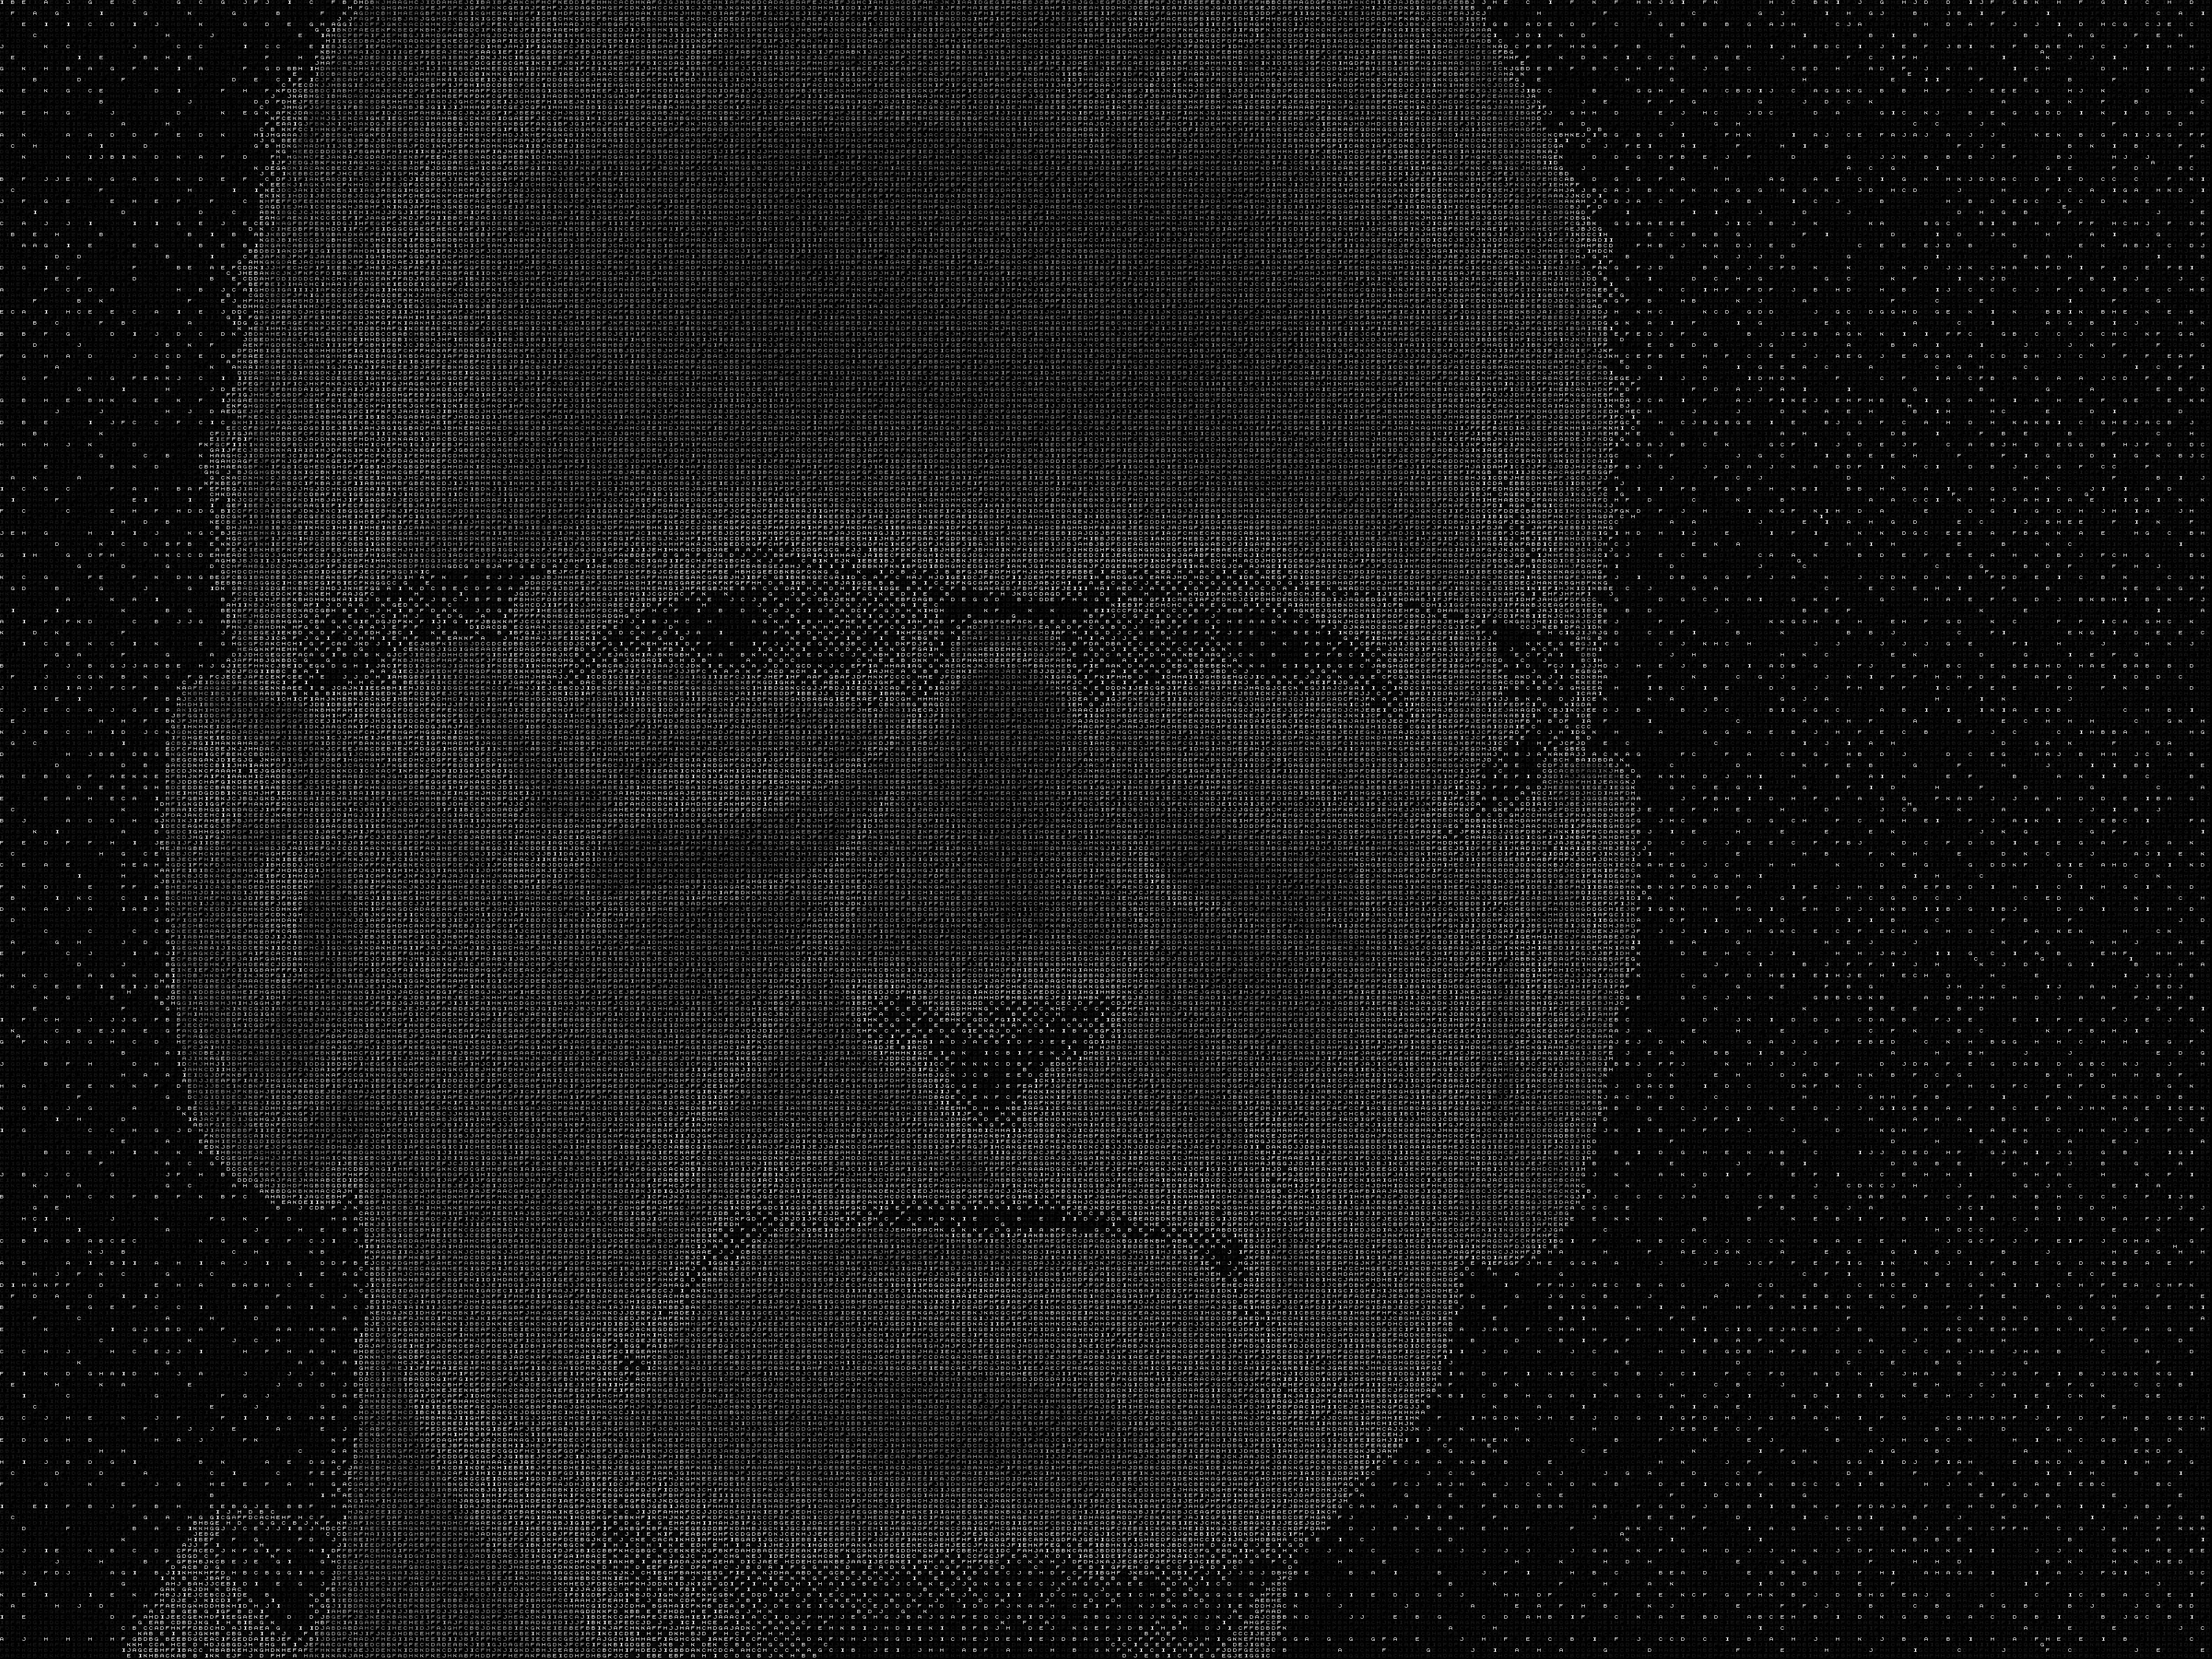 用PHP制作ASCII化的图像-行者无疆的图片